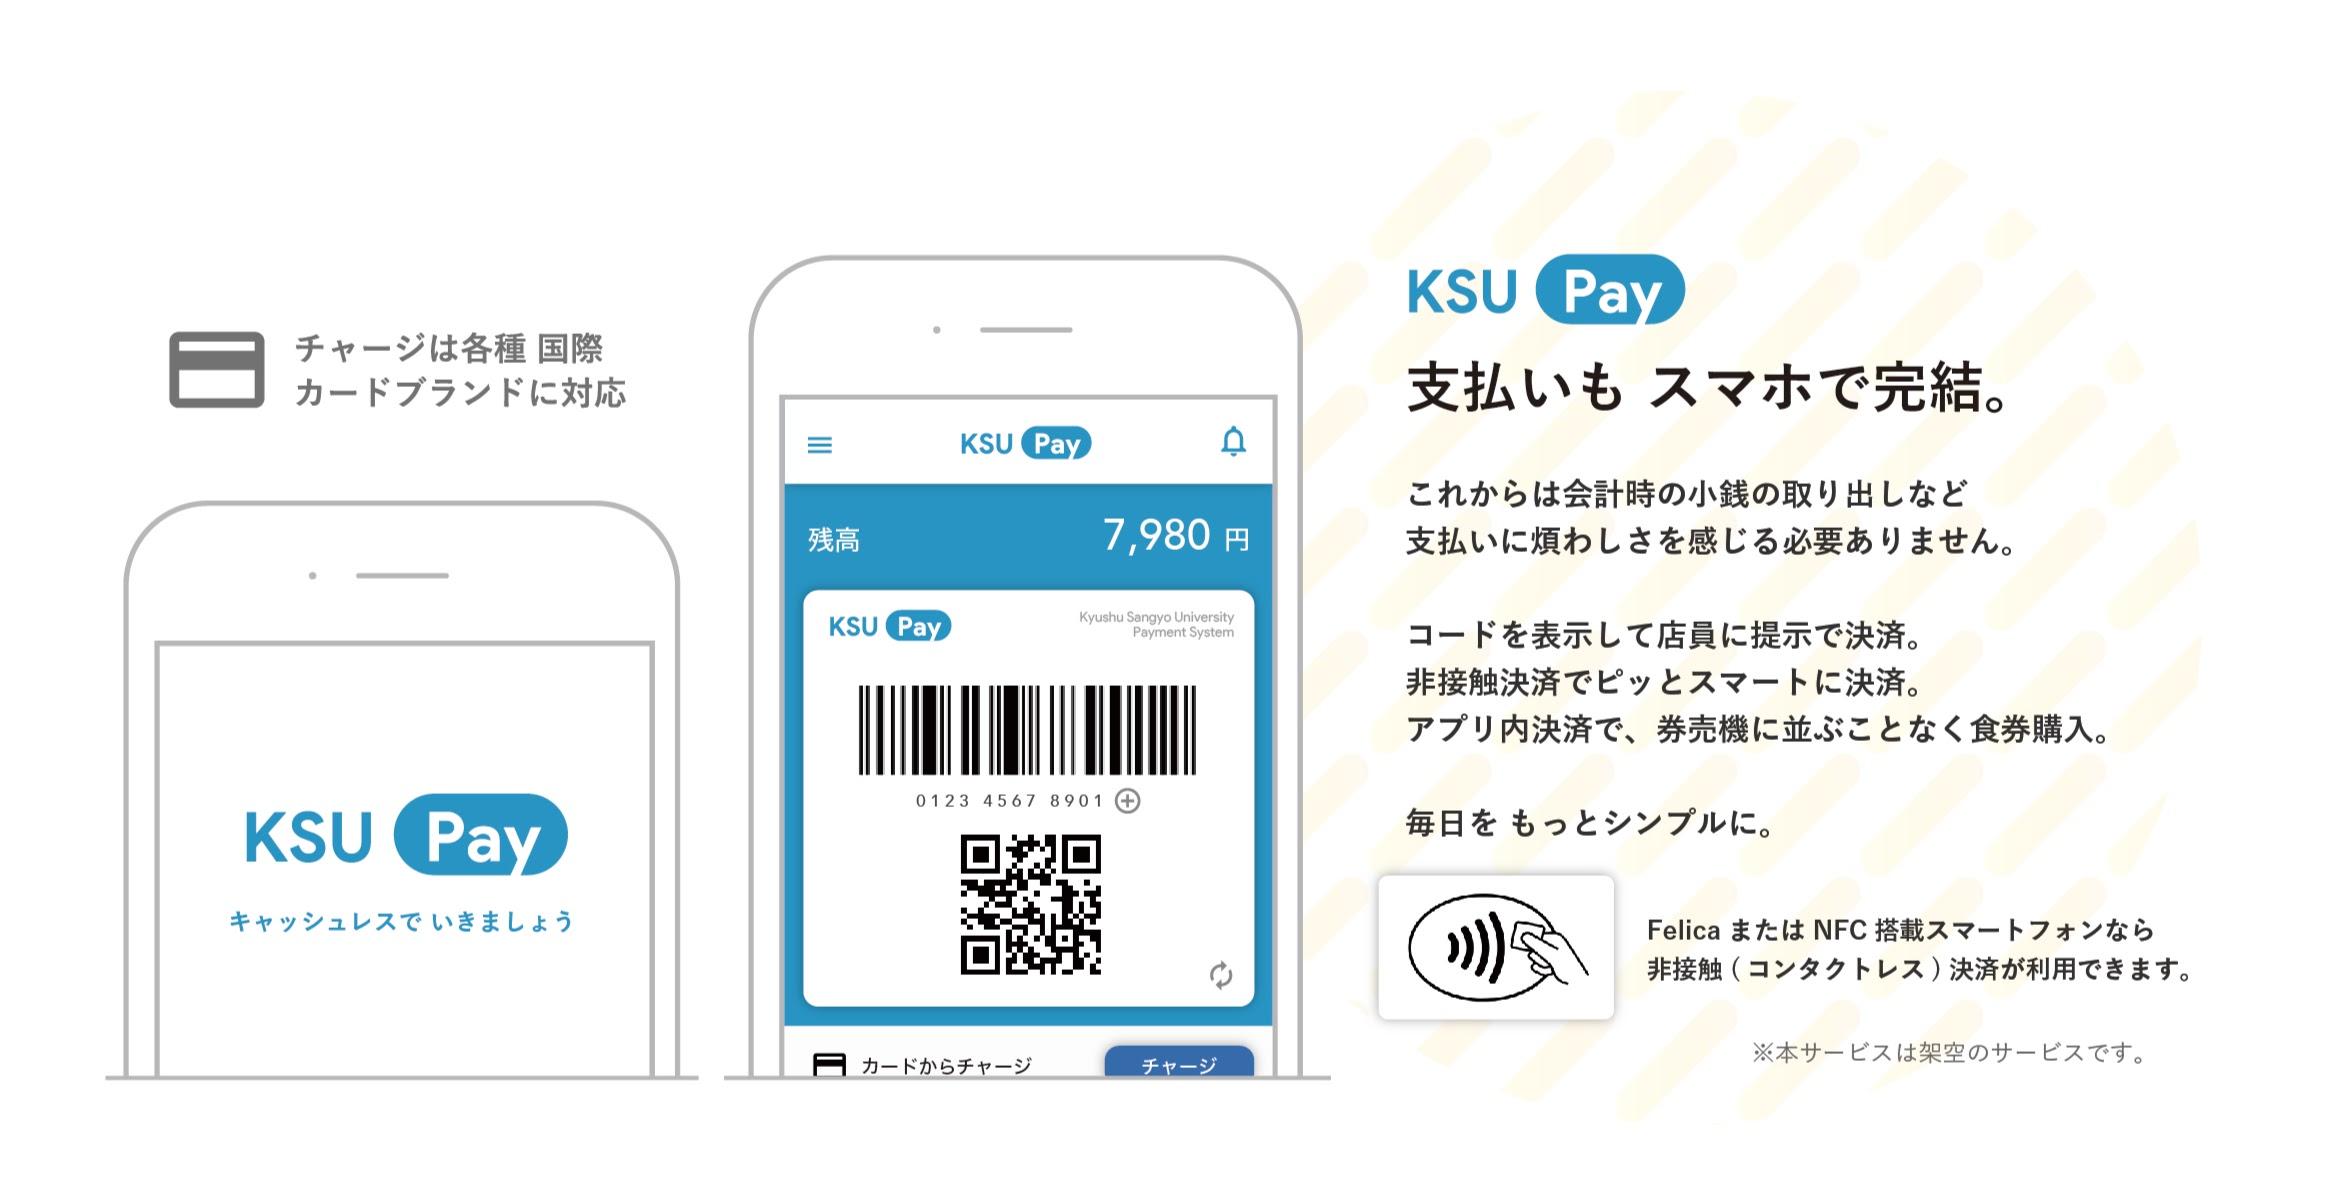 KSU_Pay.jpg